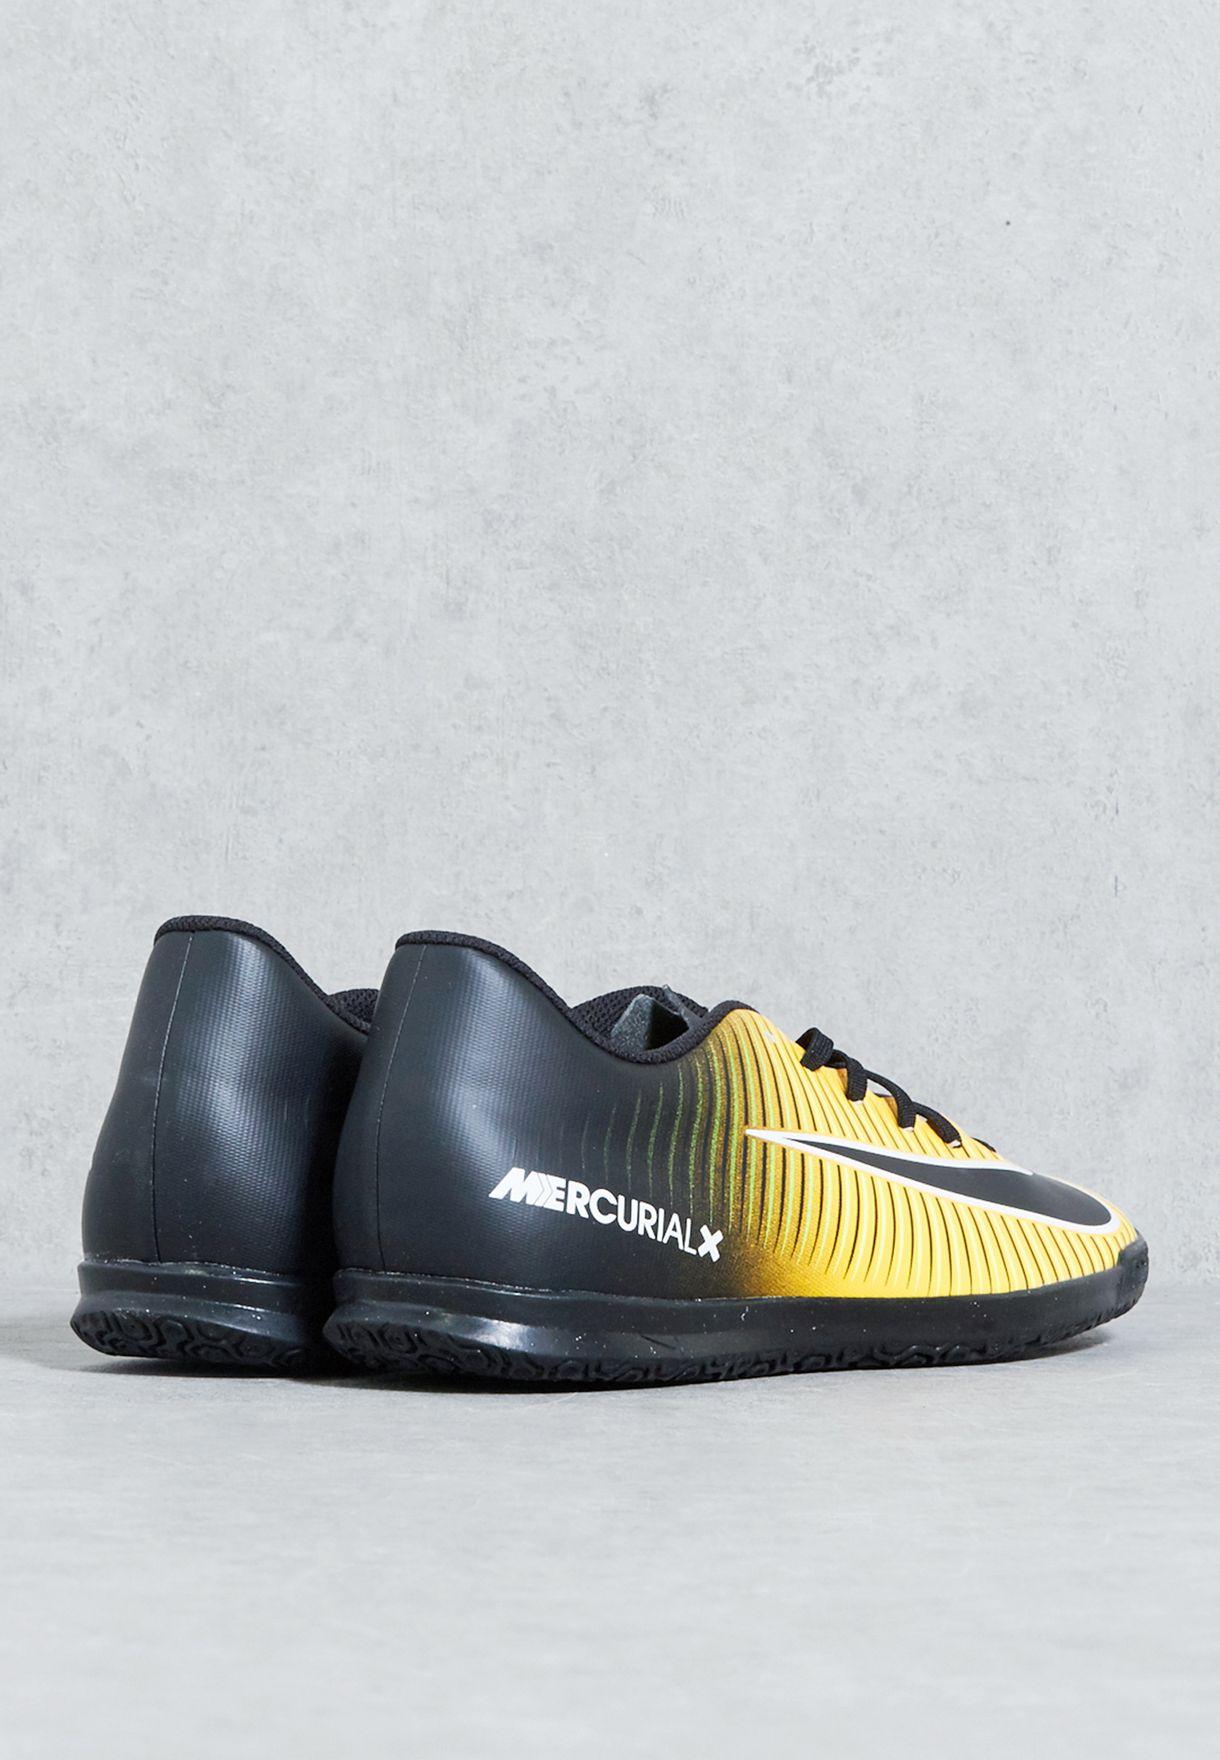 حذاء ميركوريال فورتكس III آي سي